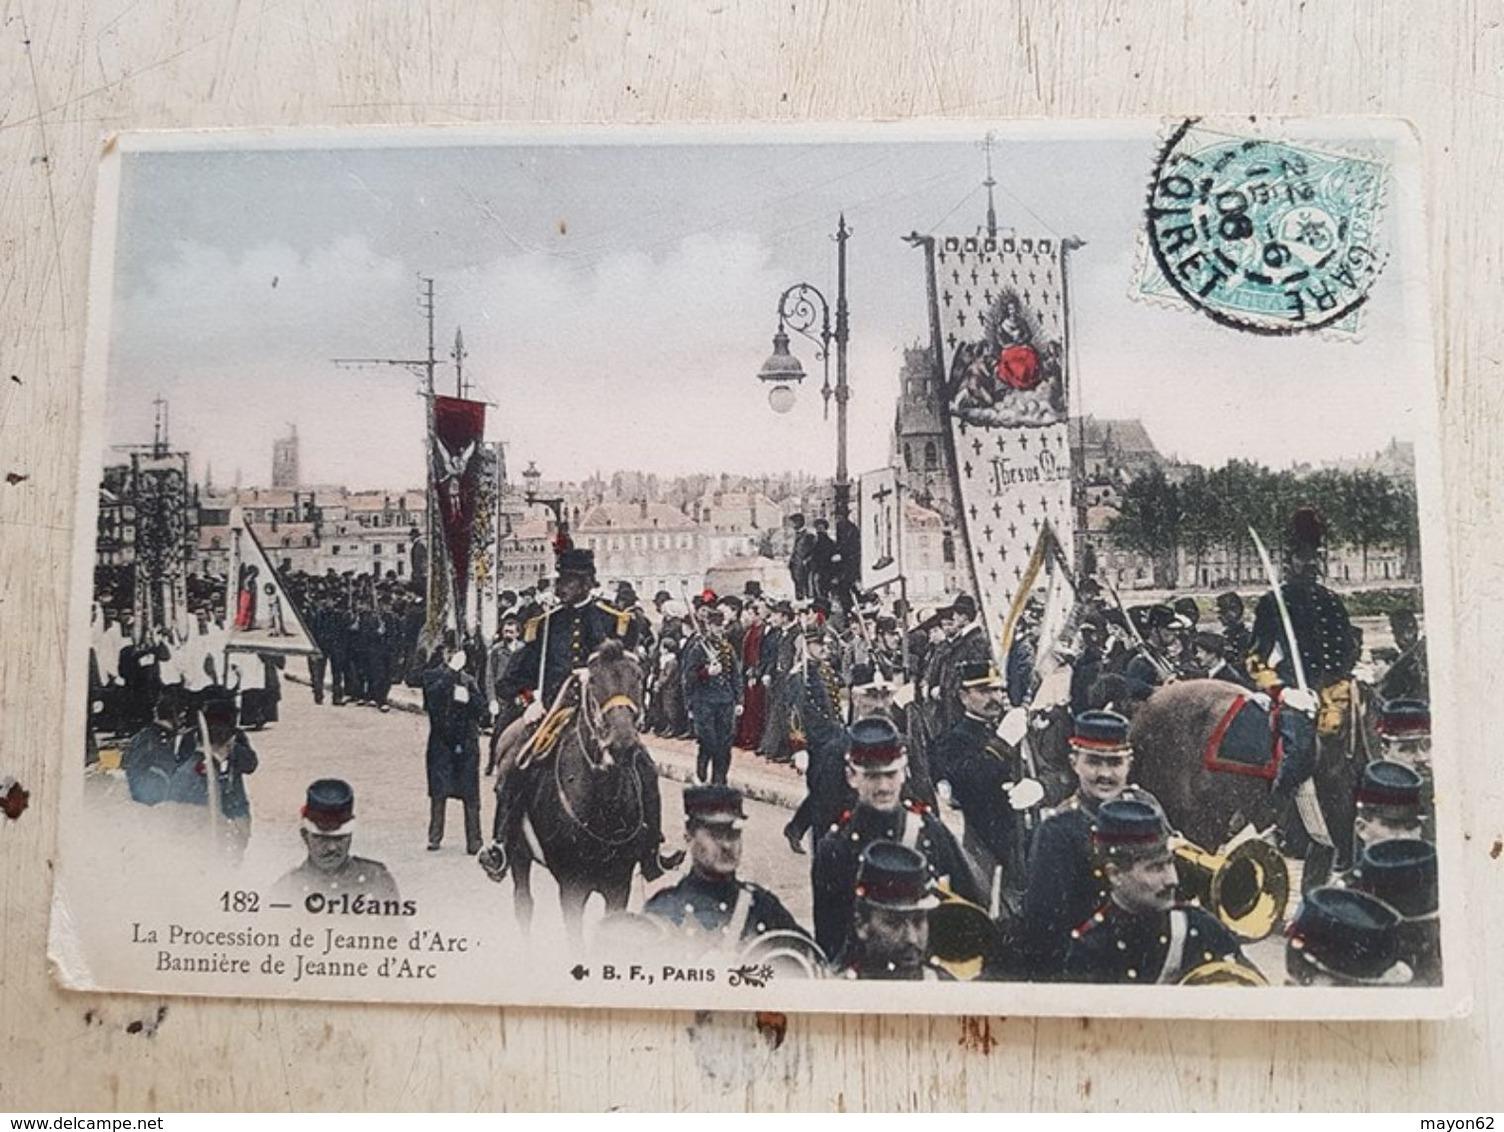 45 - CPA Animée ORLEANS  - La Procession De Jeanne D'Arc - Bannière De Jeanne D'Arc (B.F., Paris 182) - Orleans